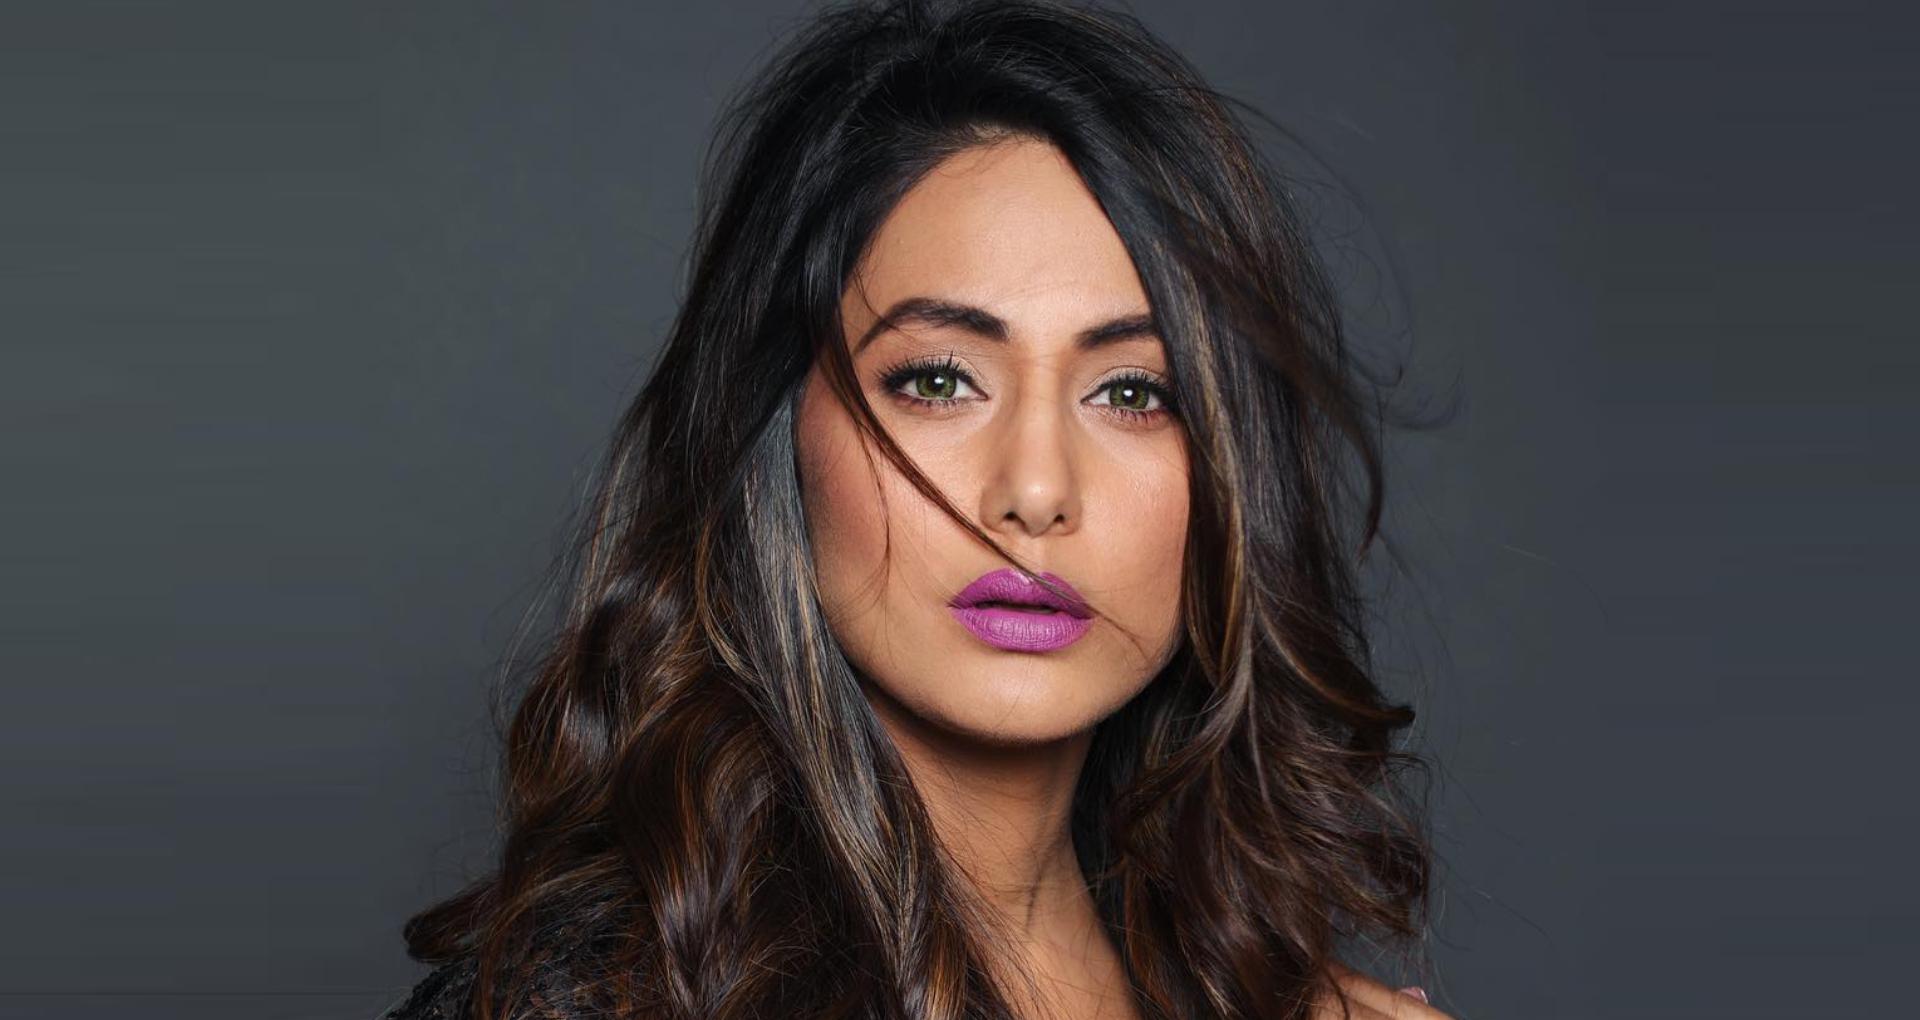 हिना खान की तरह मुलायम और खूबसूरत बाल चाहिए, तो महंगे प्रोडक्ट नहीं इन घरेलू तरीकों का करें इस्तेमाल